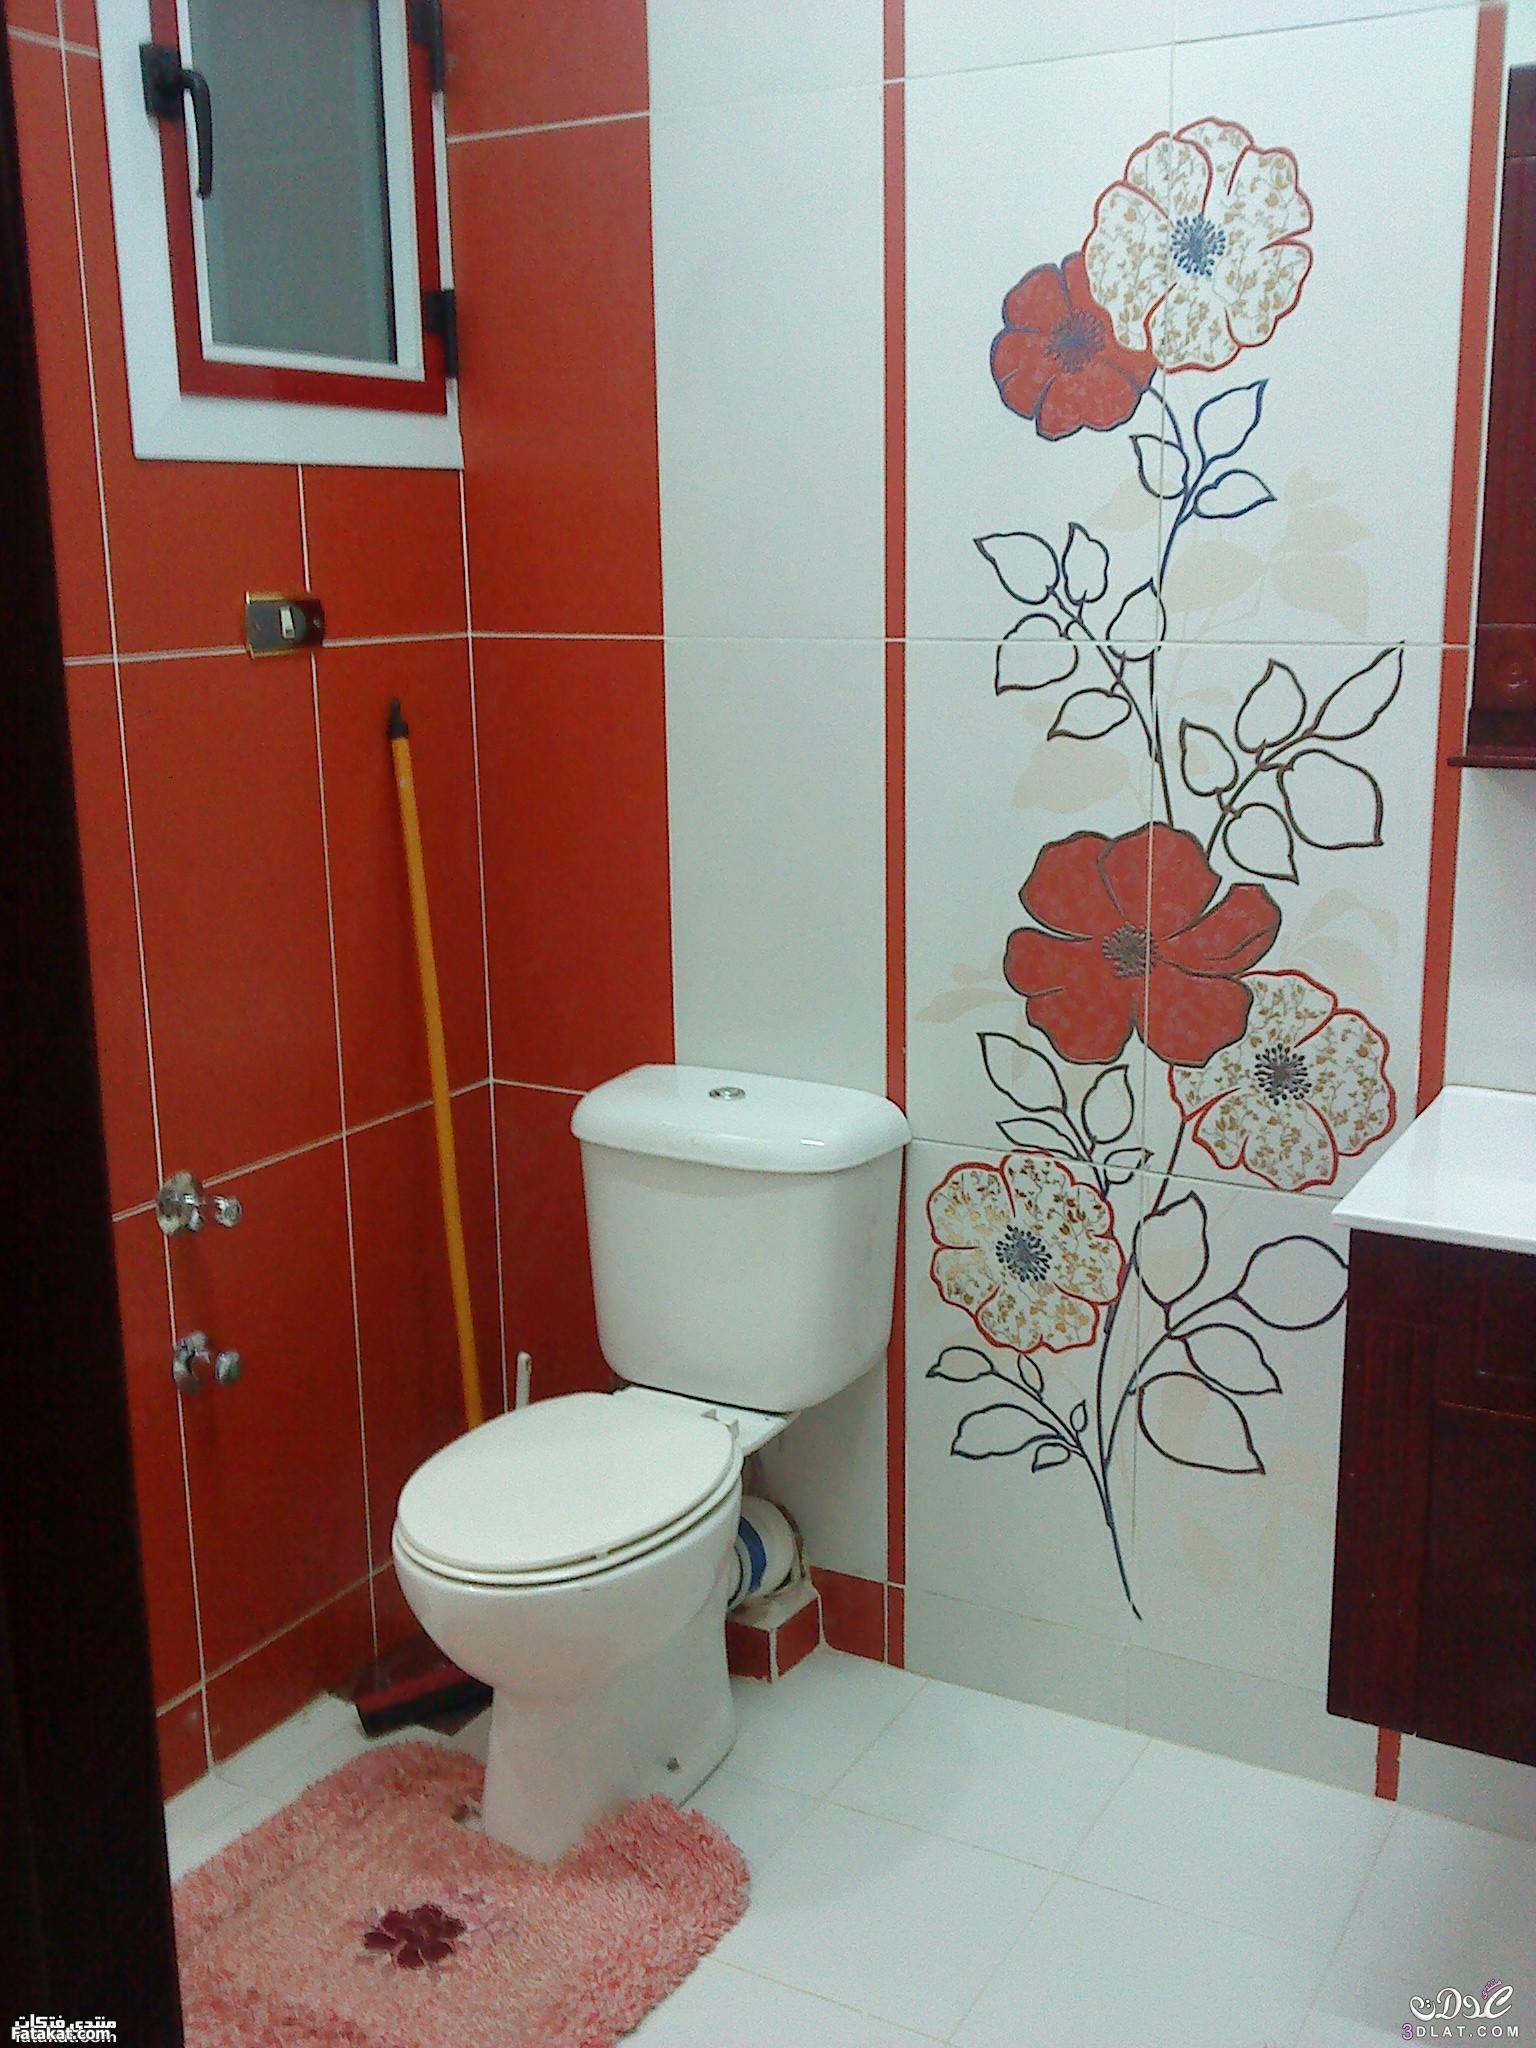 بالصور اشكال سيراميك حمامات , اجمل اشكال للسيراميك 2588 2